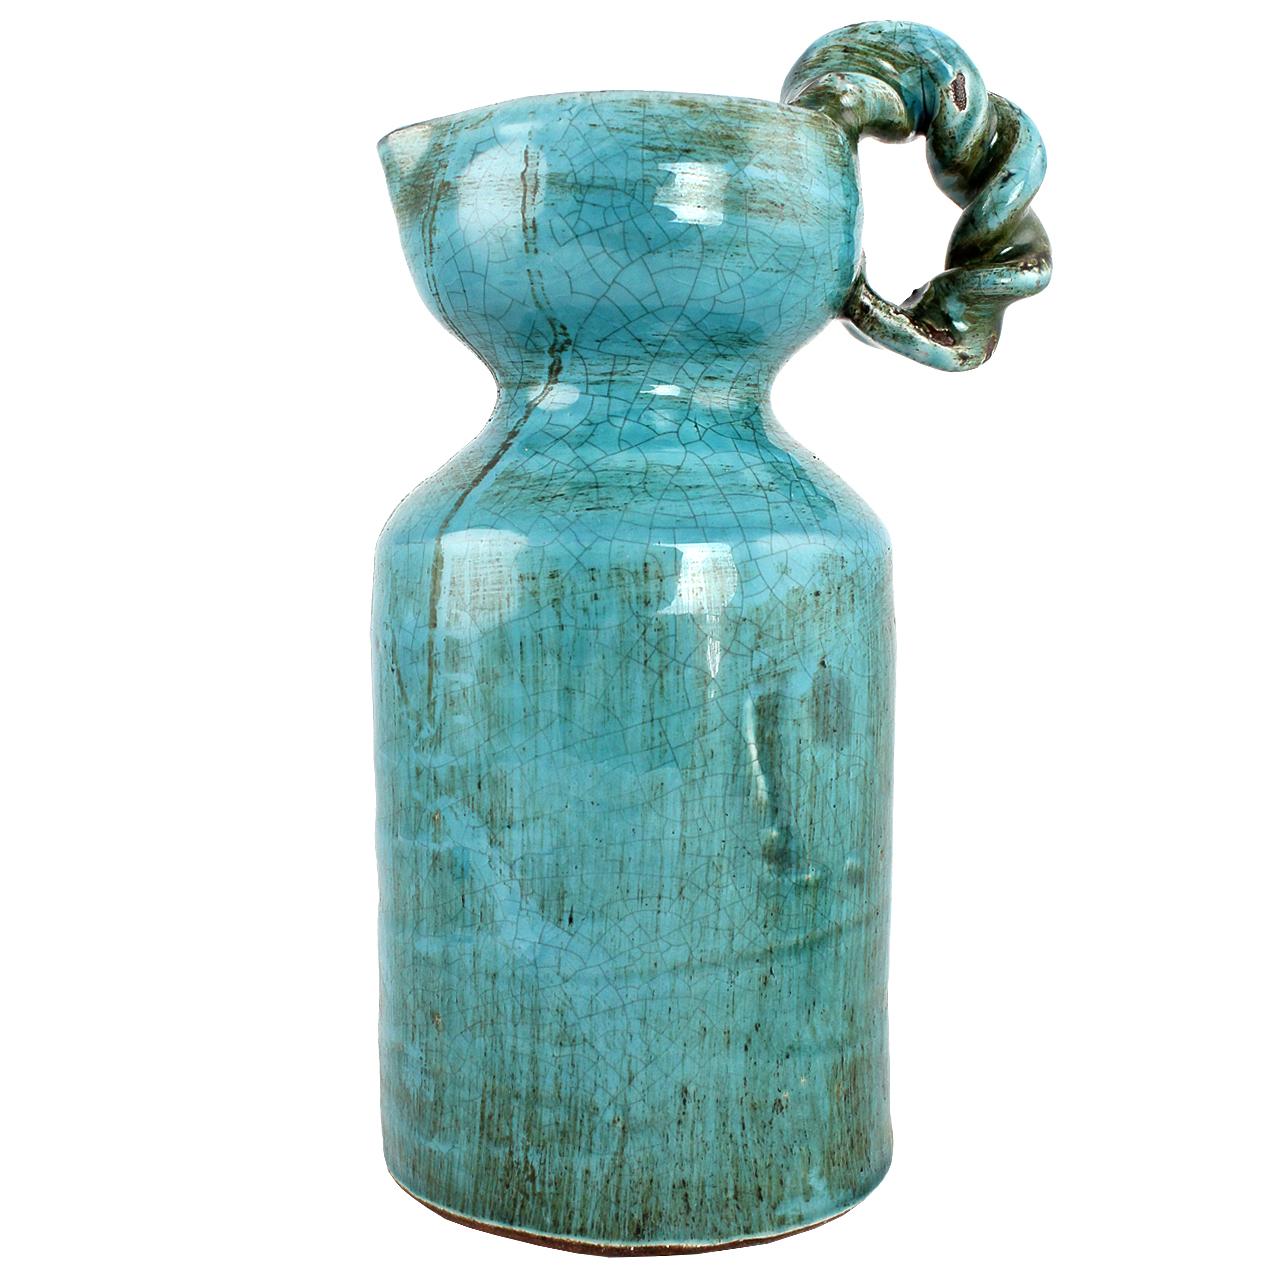 Carafa Decorativa Cu Toarta Impletita Din Ceramica Turcoaz